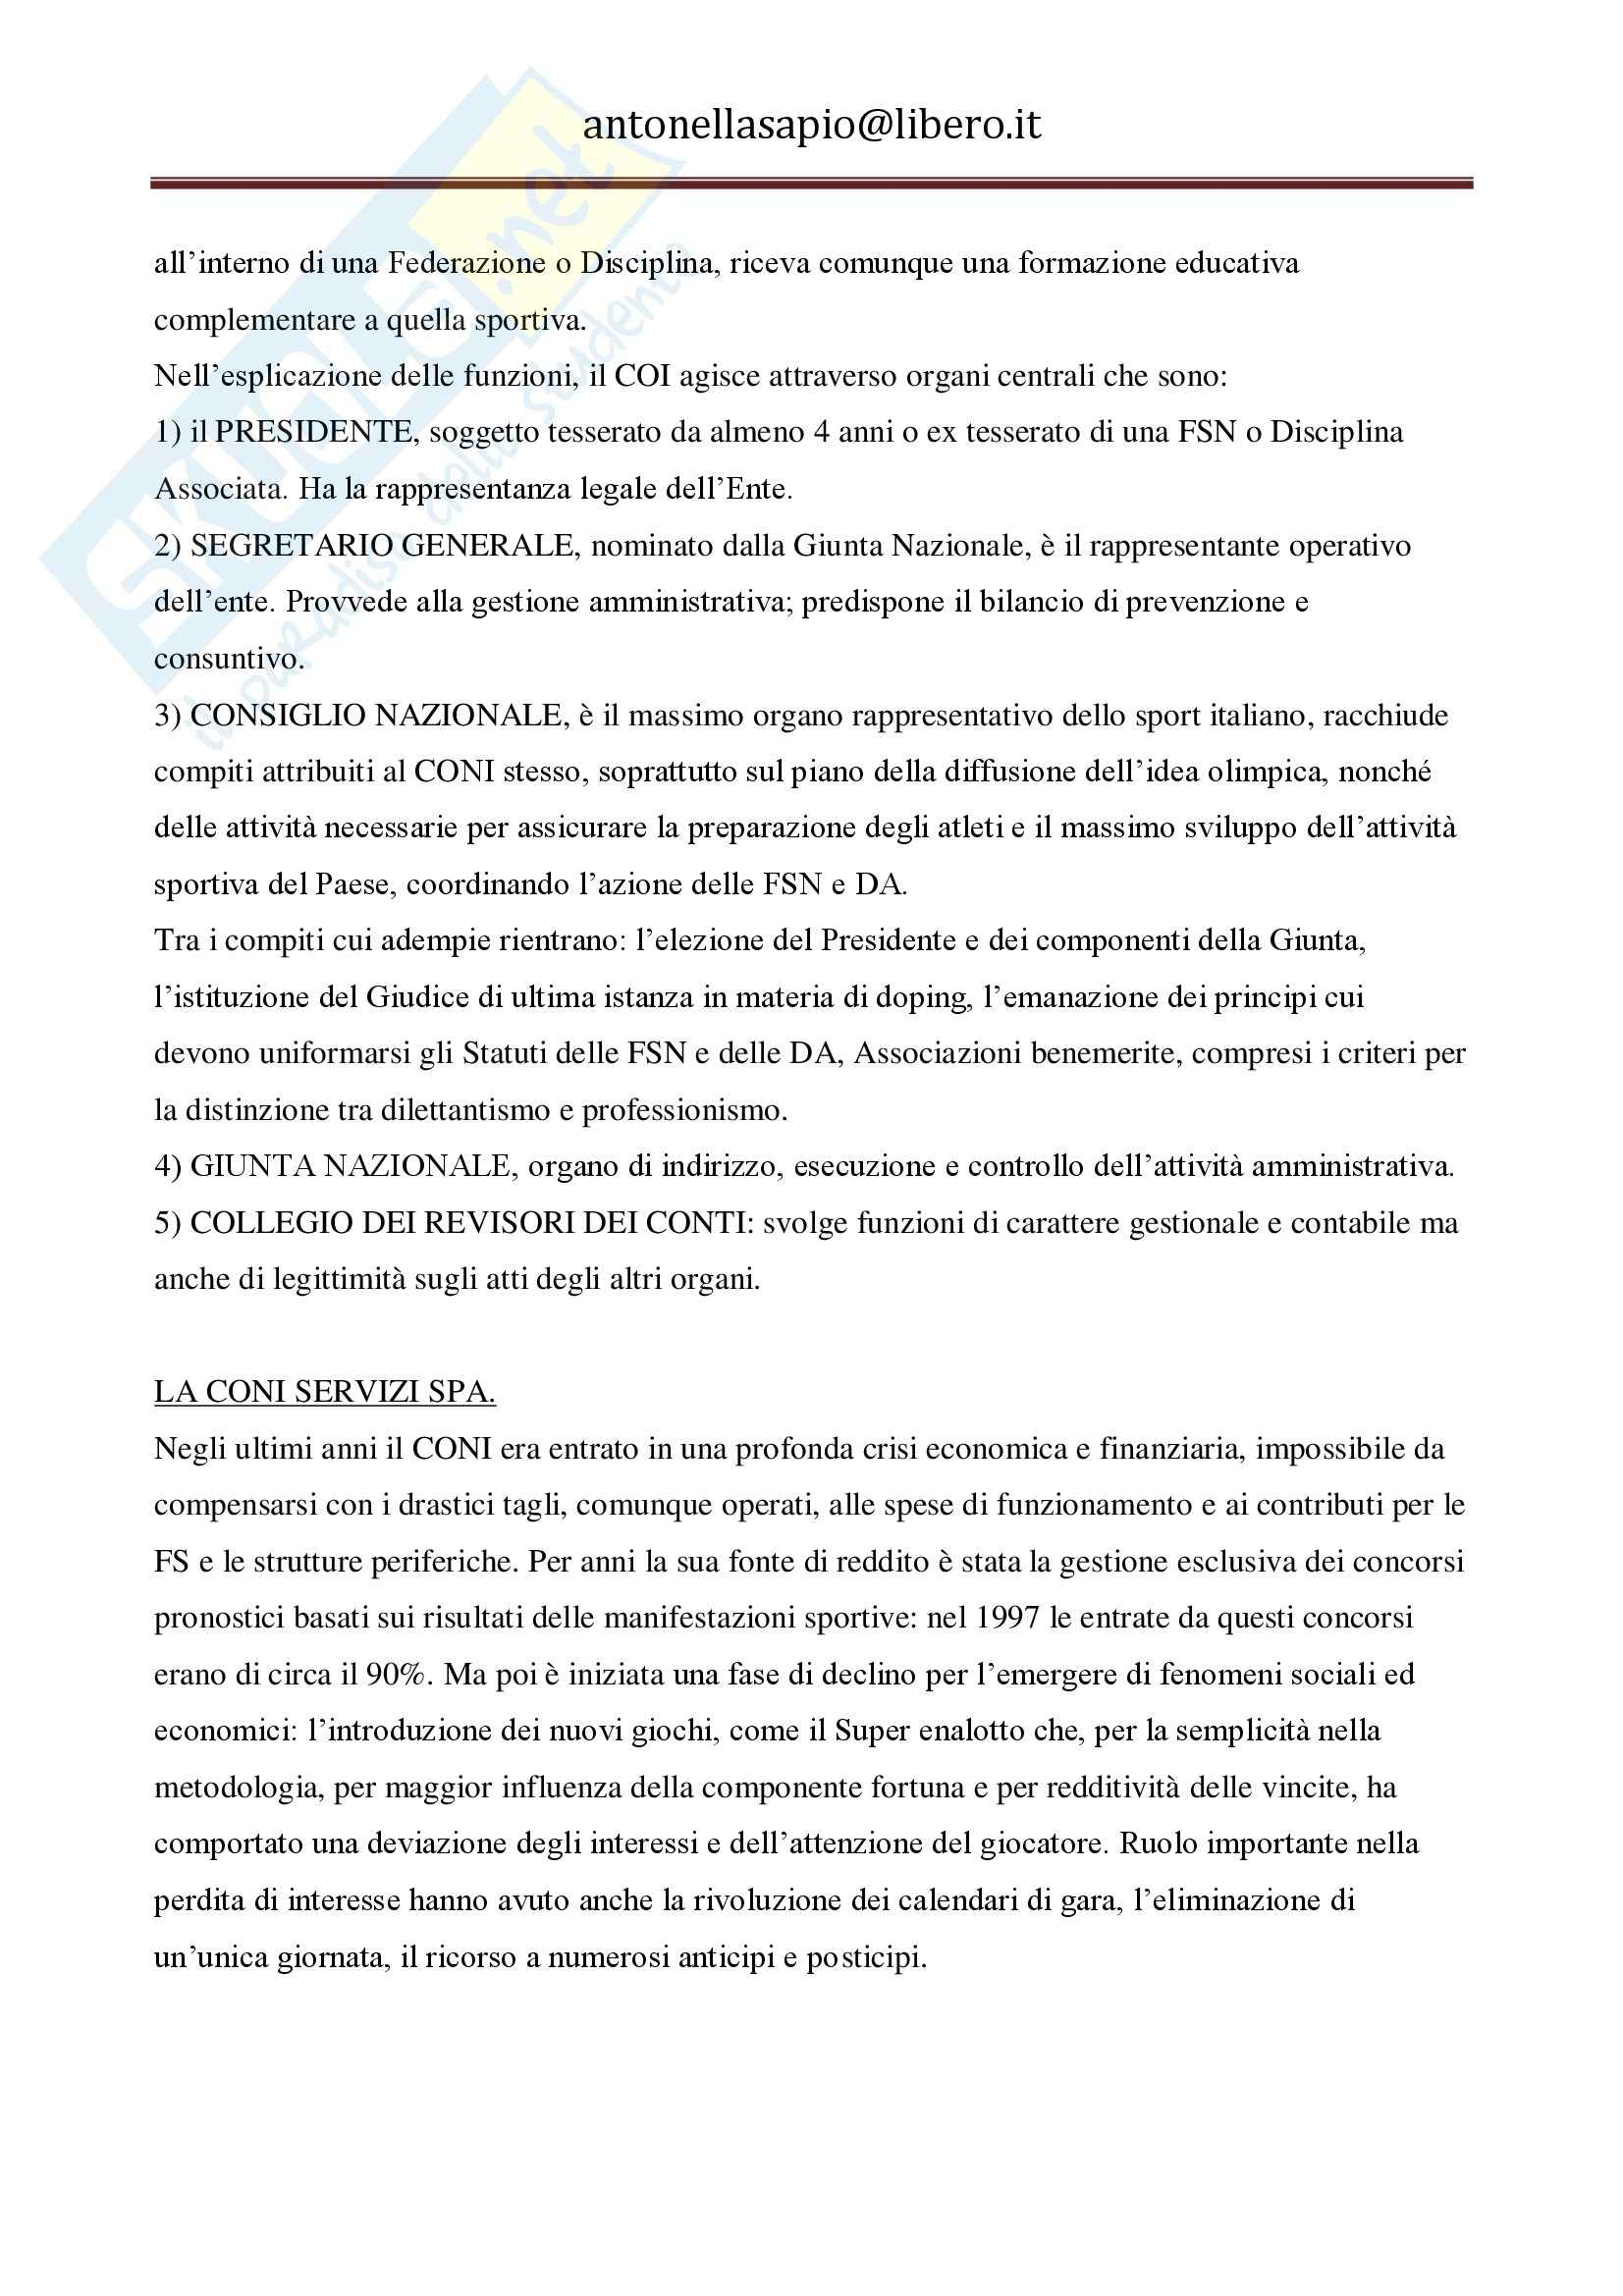 Diritto dello sport - Appunti Pag. 11